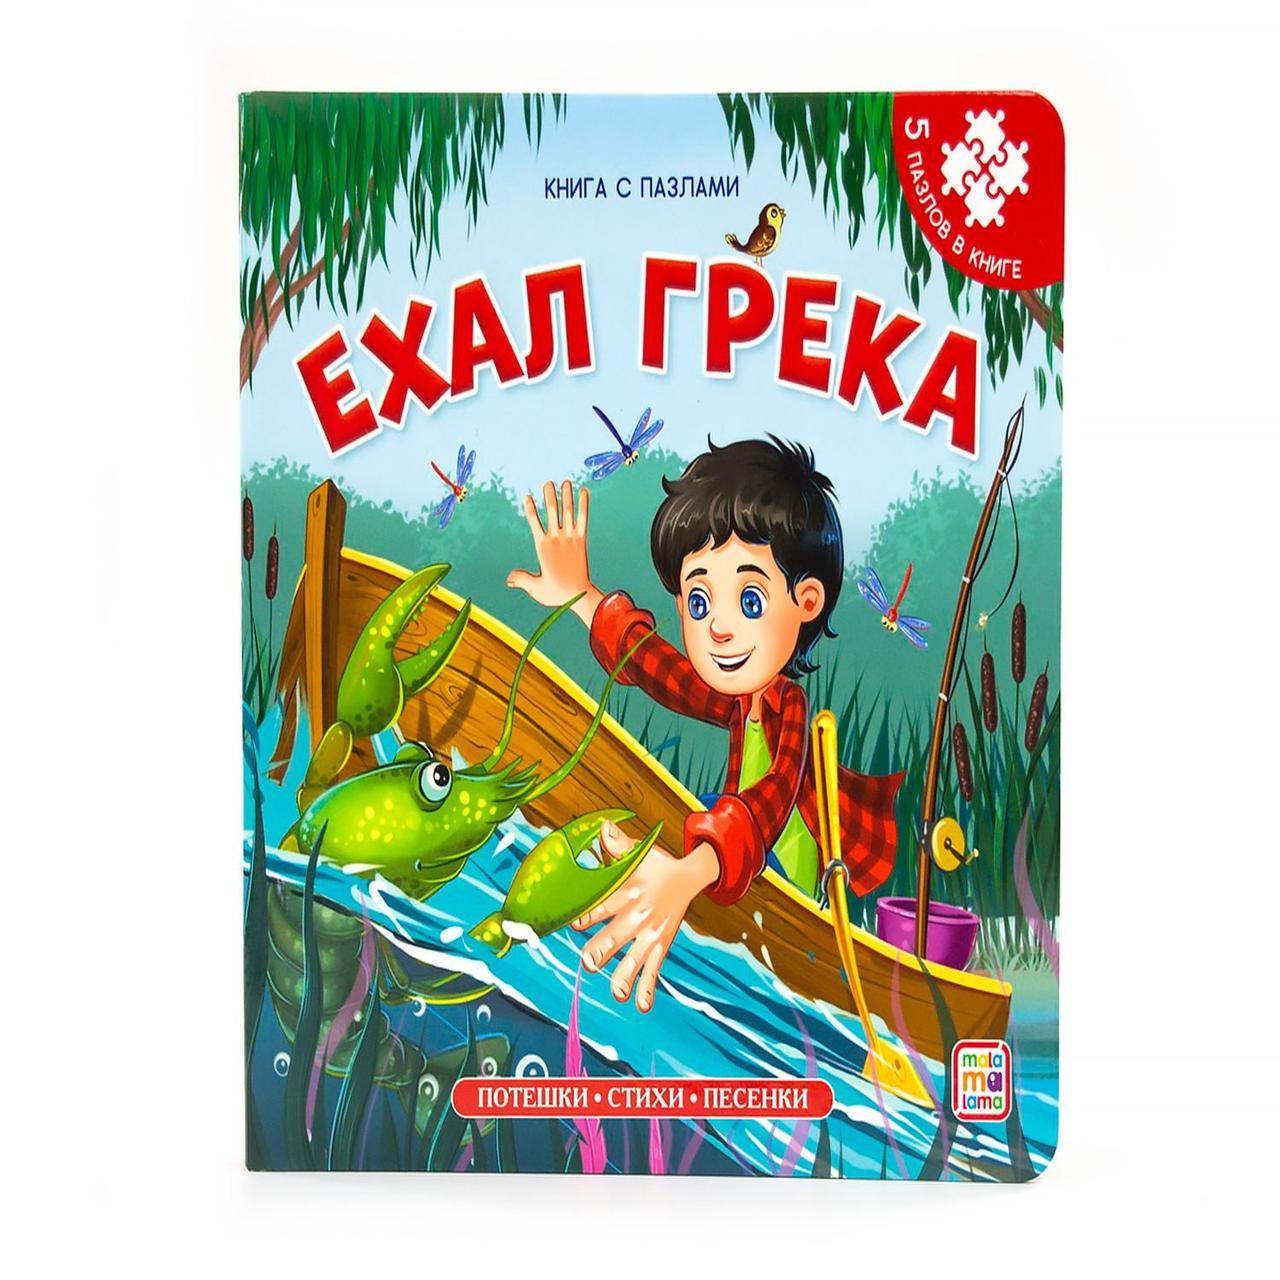 Книга-пазл. Ехал Грека